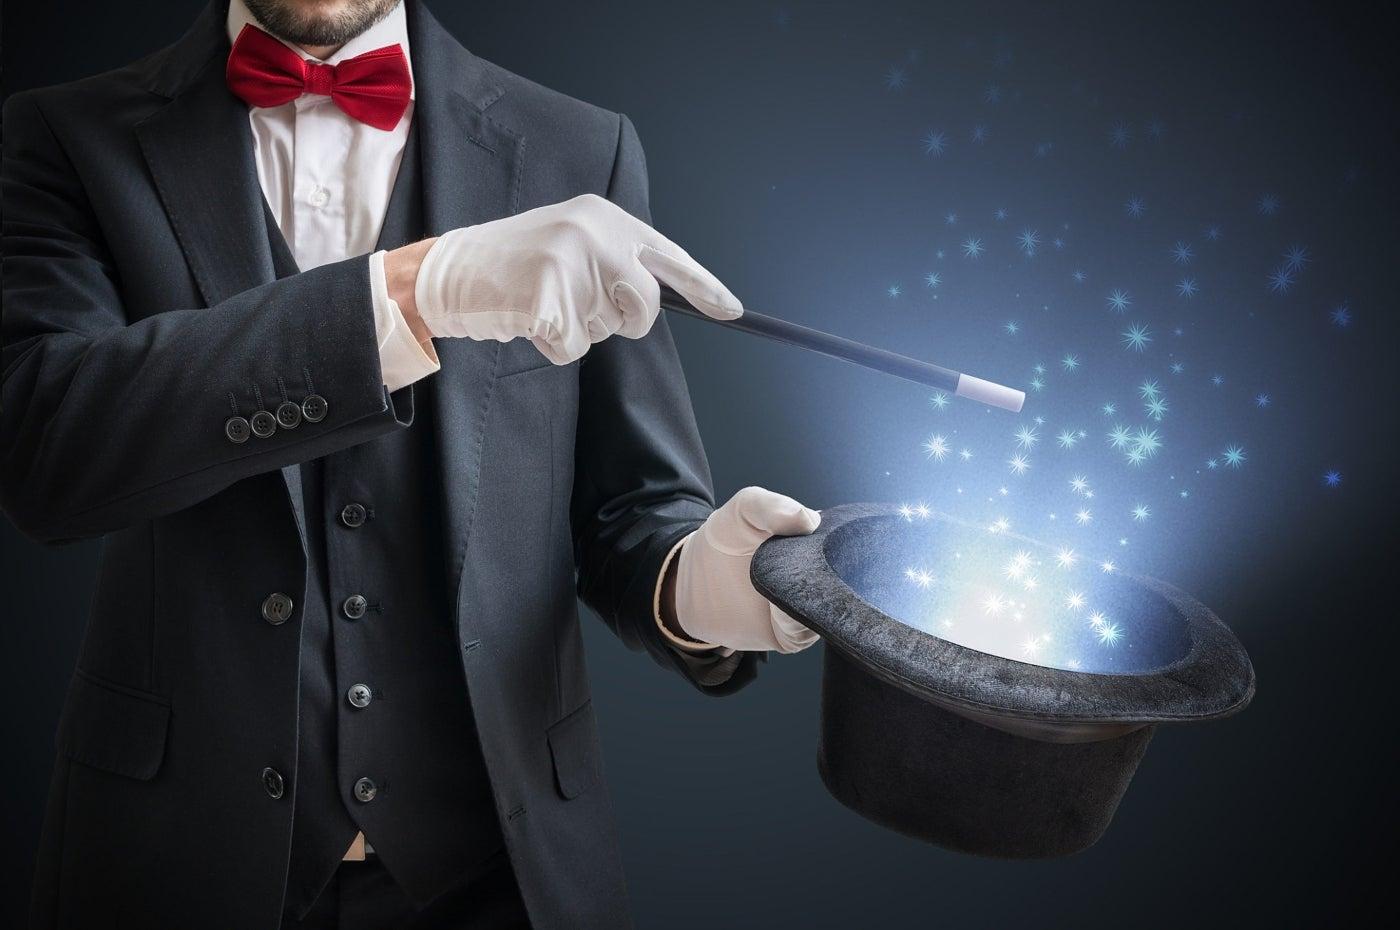 ¿Qué significa 'abracadabra'? ¿De dónde salía la palabra?